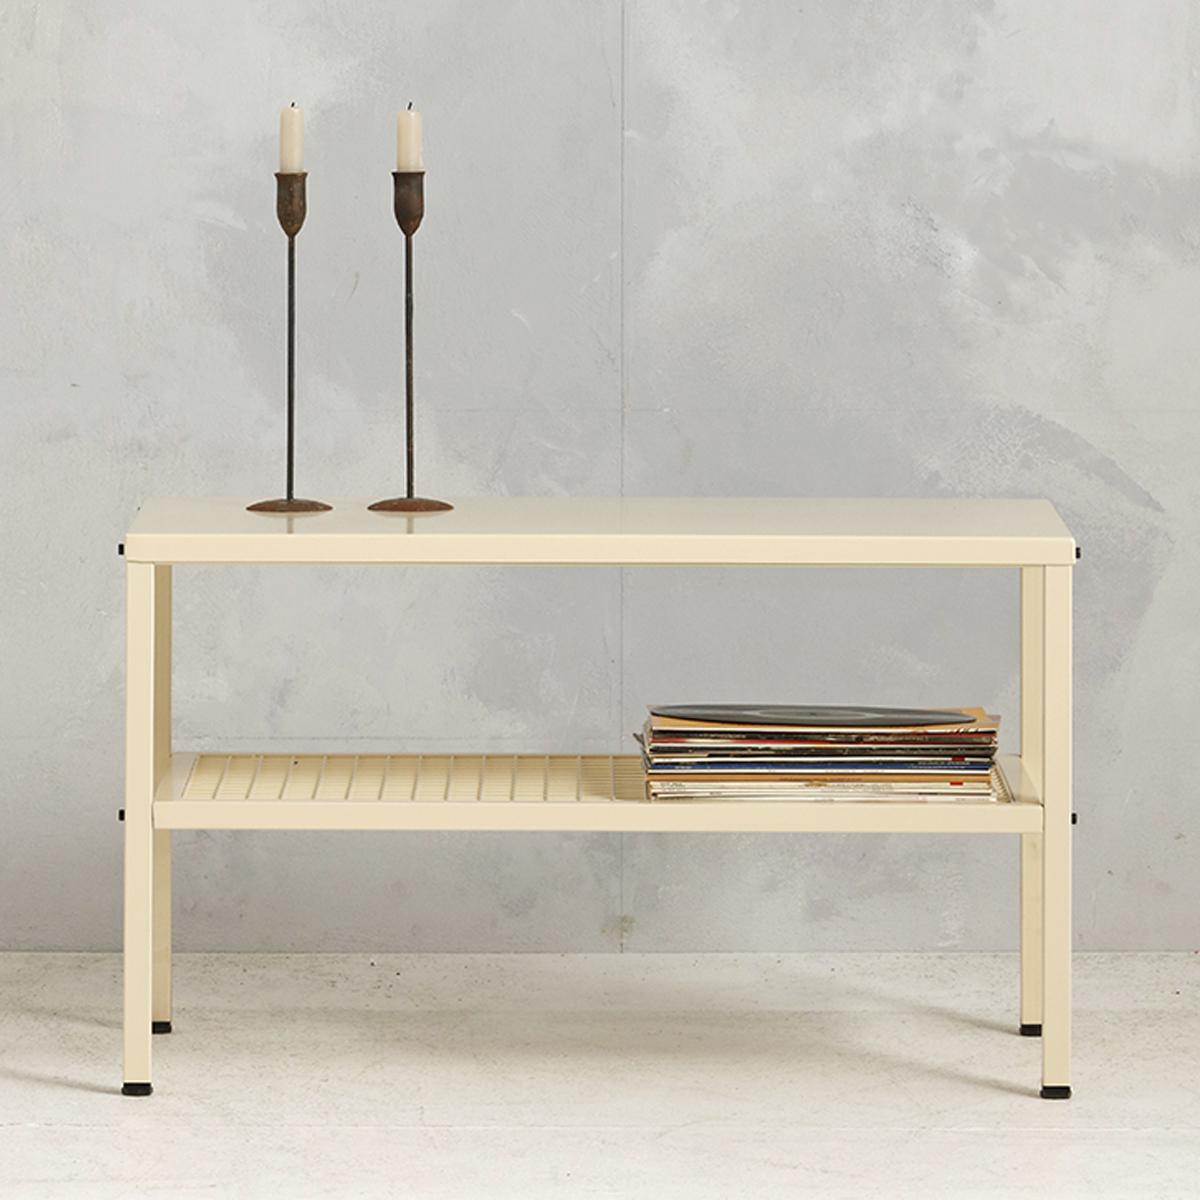 Metalen tafel industrieel - beige - 50.2x85.3x44,5 cm - LCS-110